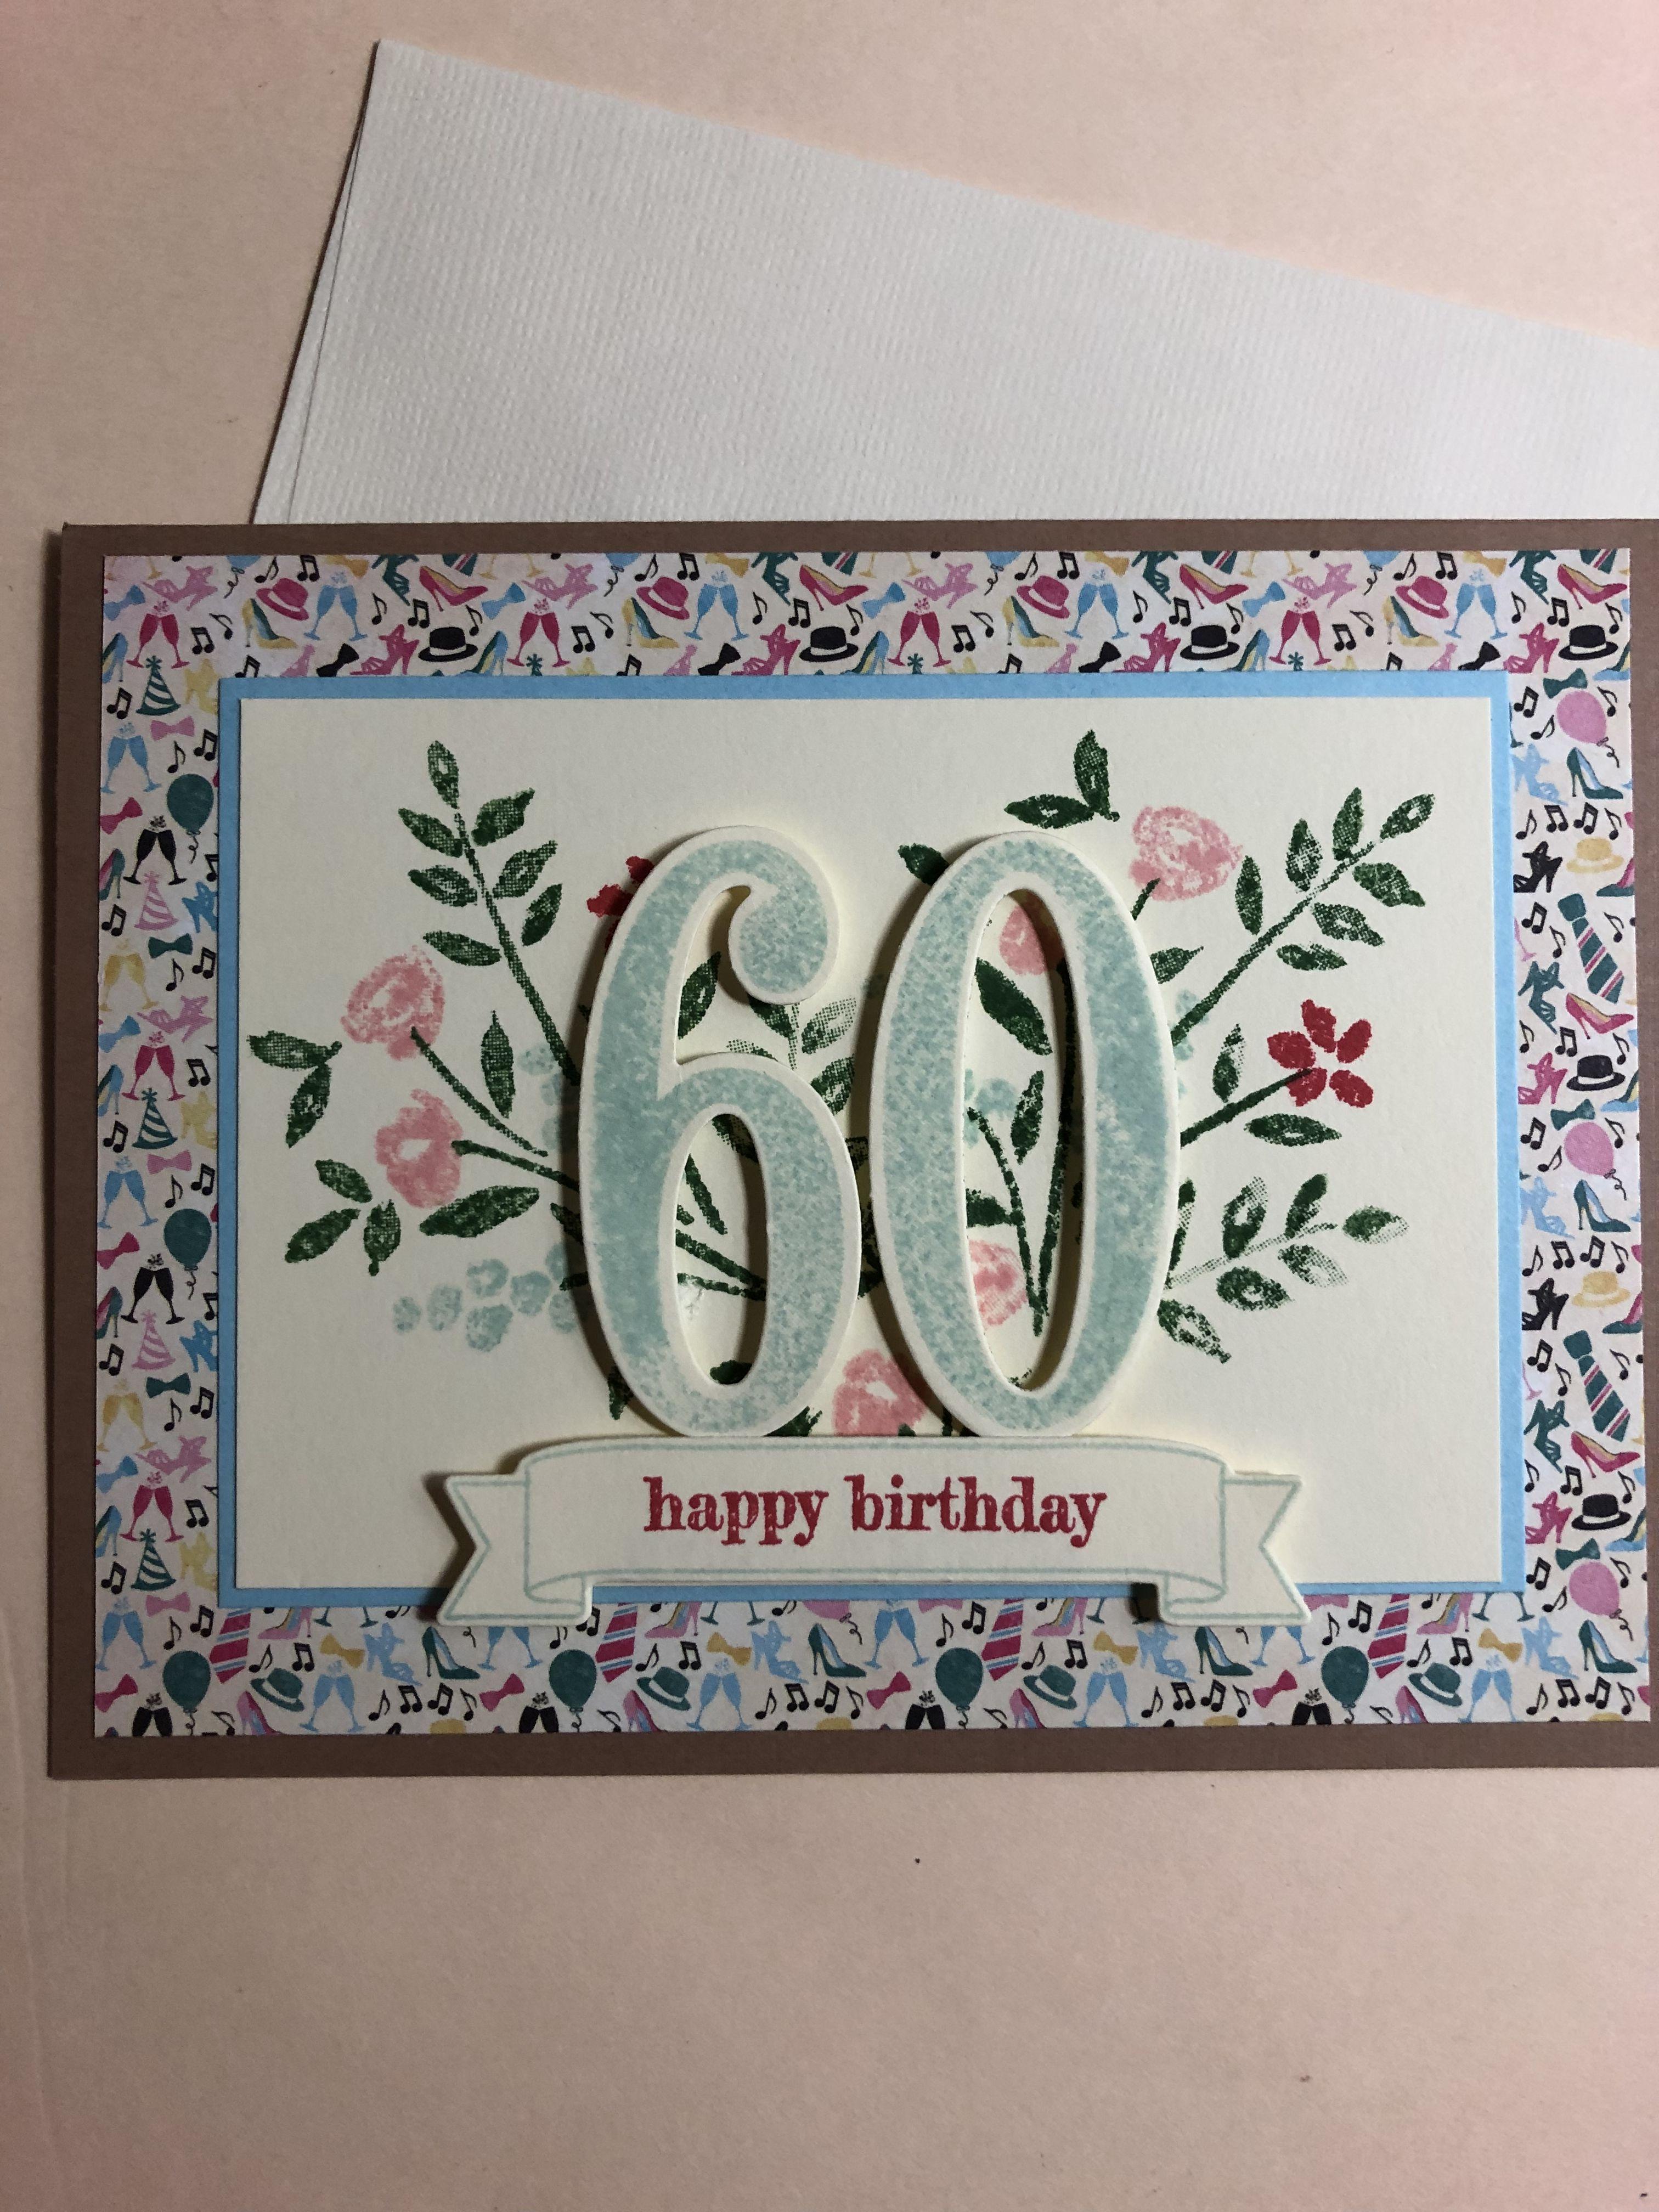 Stampin Up Number Of Years 2019 Vikki 60th Birthday Cards Special Birthday Cards Old Birthday Cards